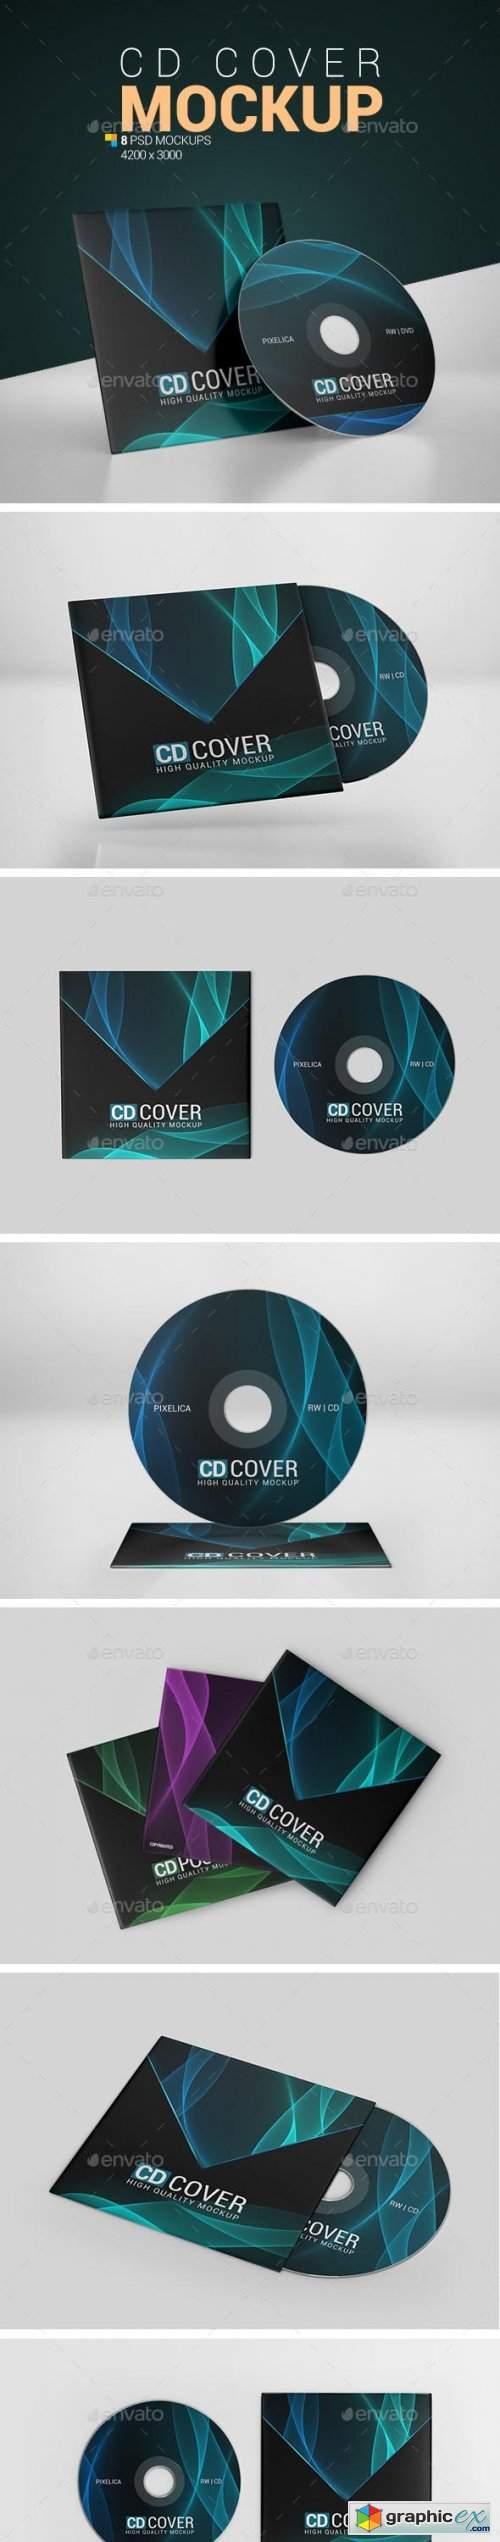 CD Cover Mockup 24721076